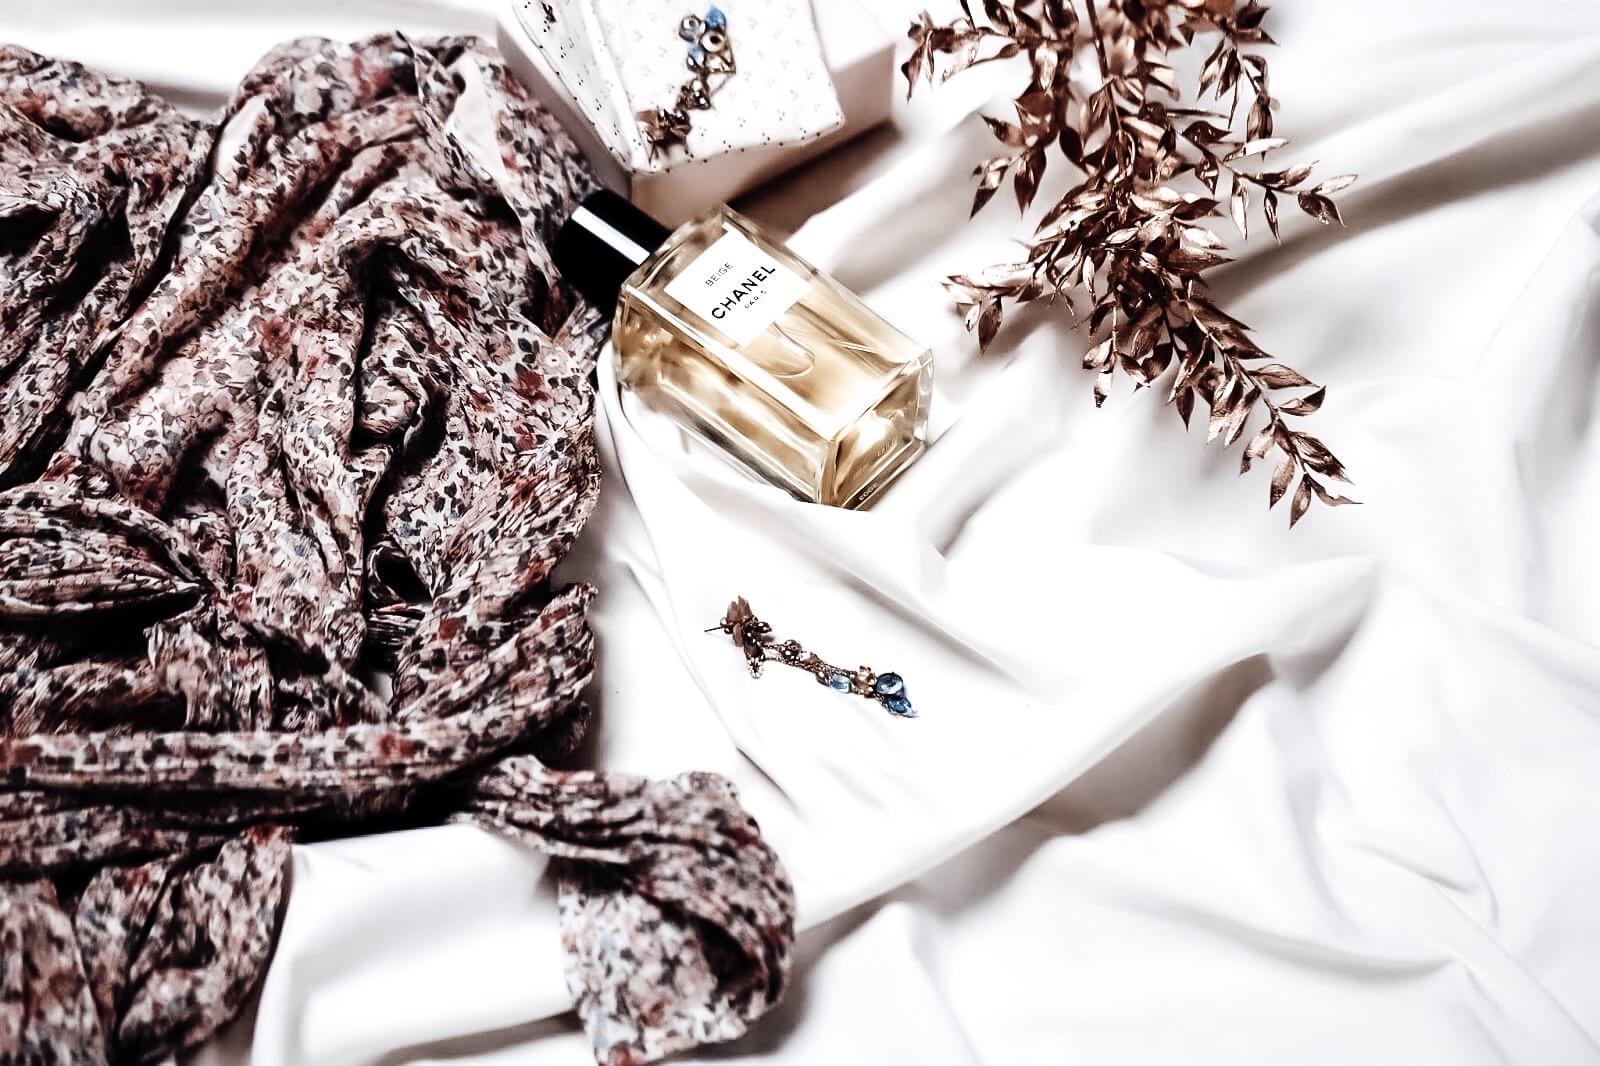 Les Exclusifs de Chanel Beige Parfum Avis